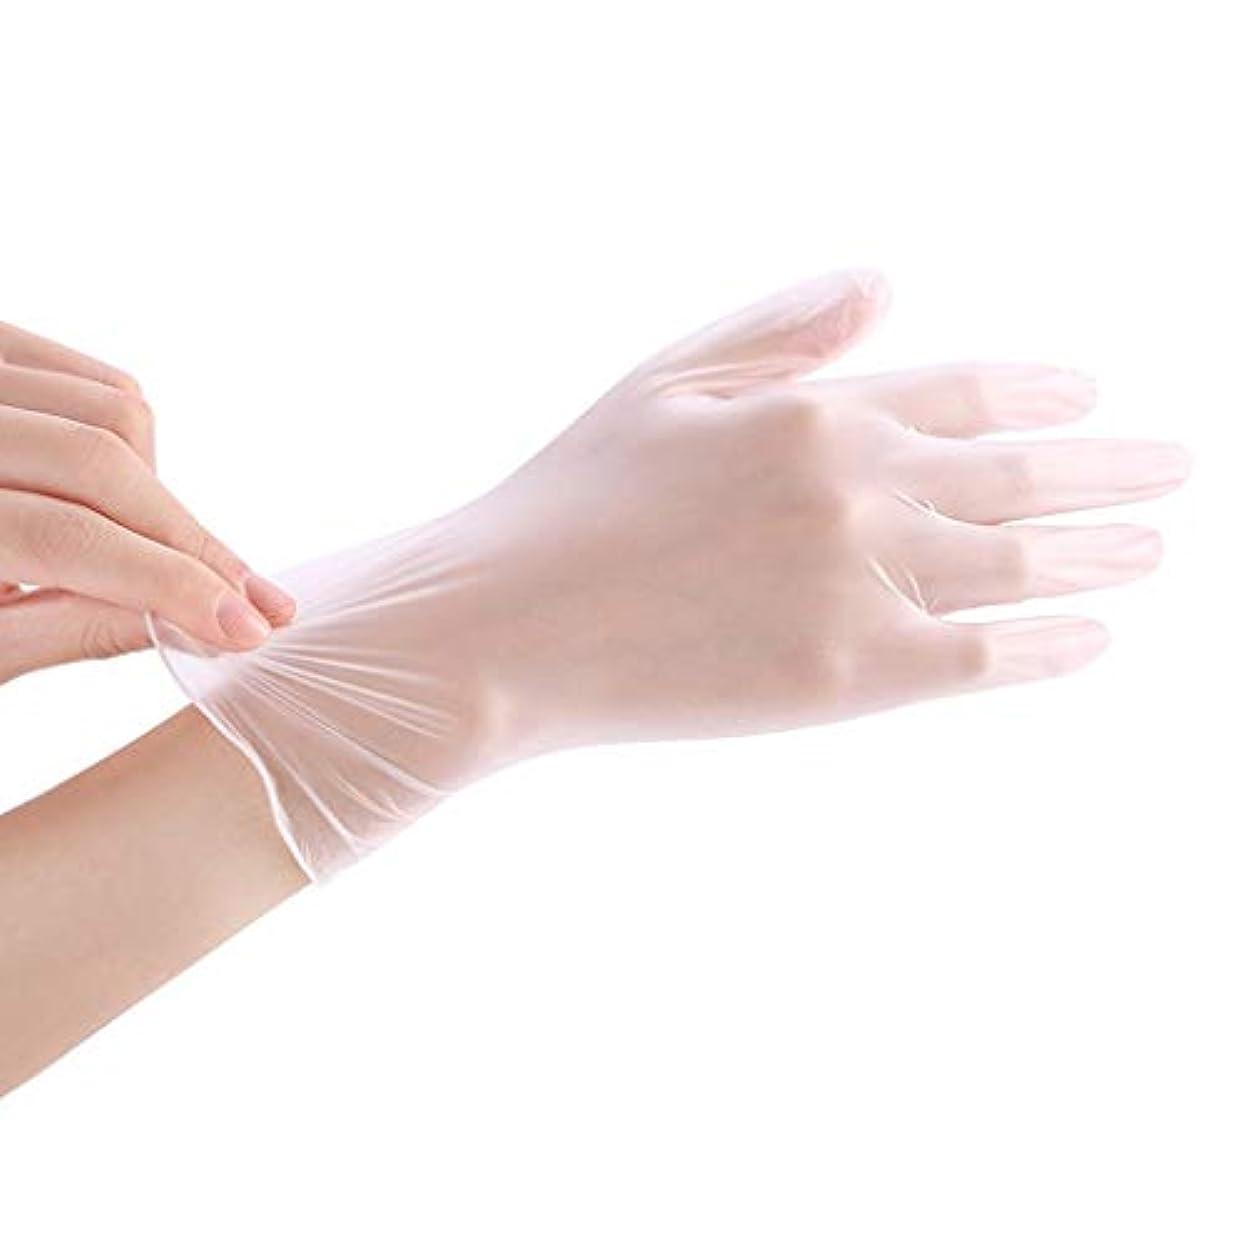 消防士で出来ている合唱団使い捨て透明食品ケータリンググレードPVC手袋美容キッチンベーキングフィルム手袋200 YANW (色 : トランスペアレント, サイズ さいず : L l)